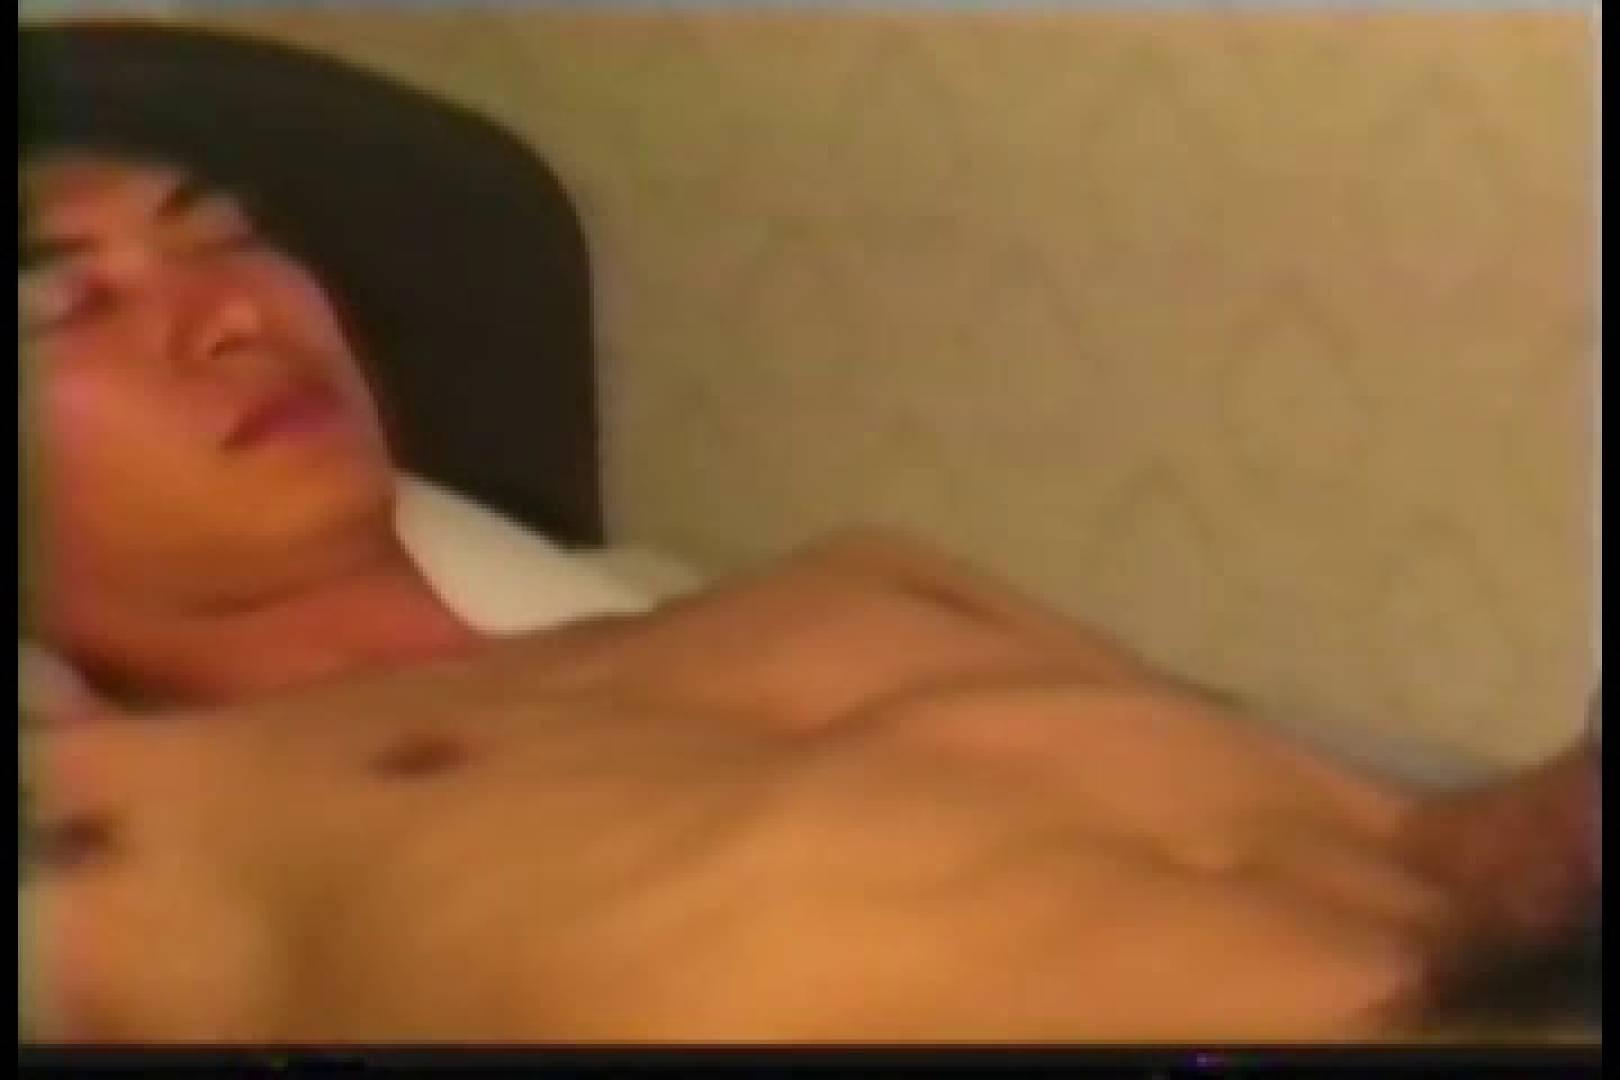 【個人撮影】俺の育てた若い子2人オナニーとファック ノンケのオナニー ゲイ精子画像 10枚 2